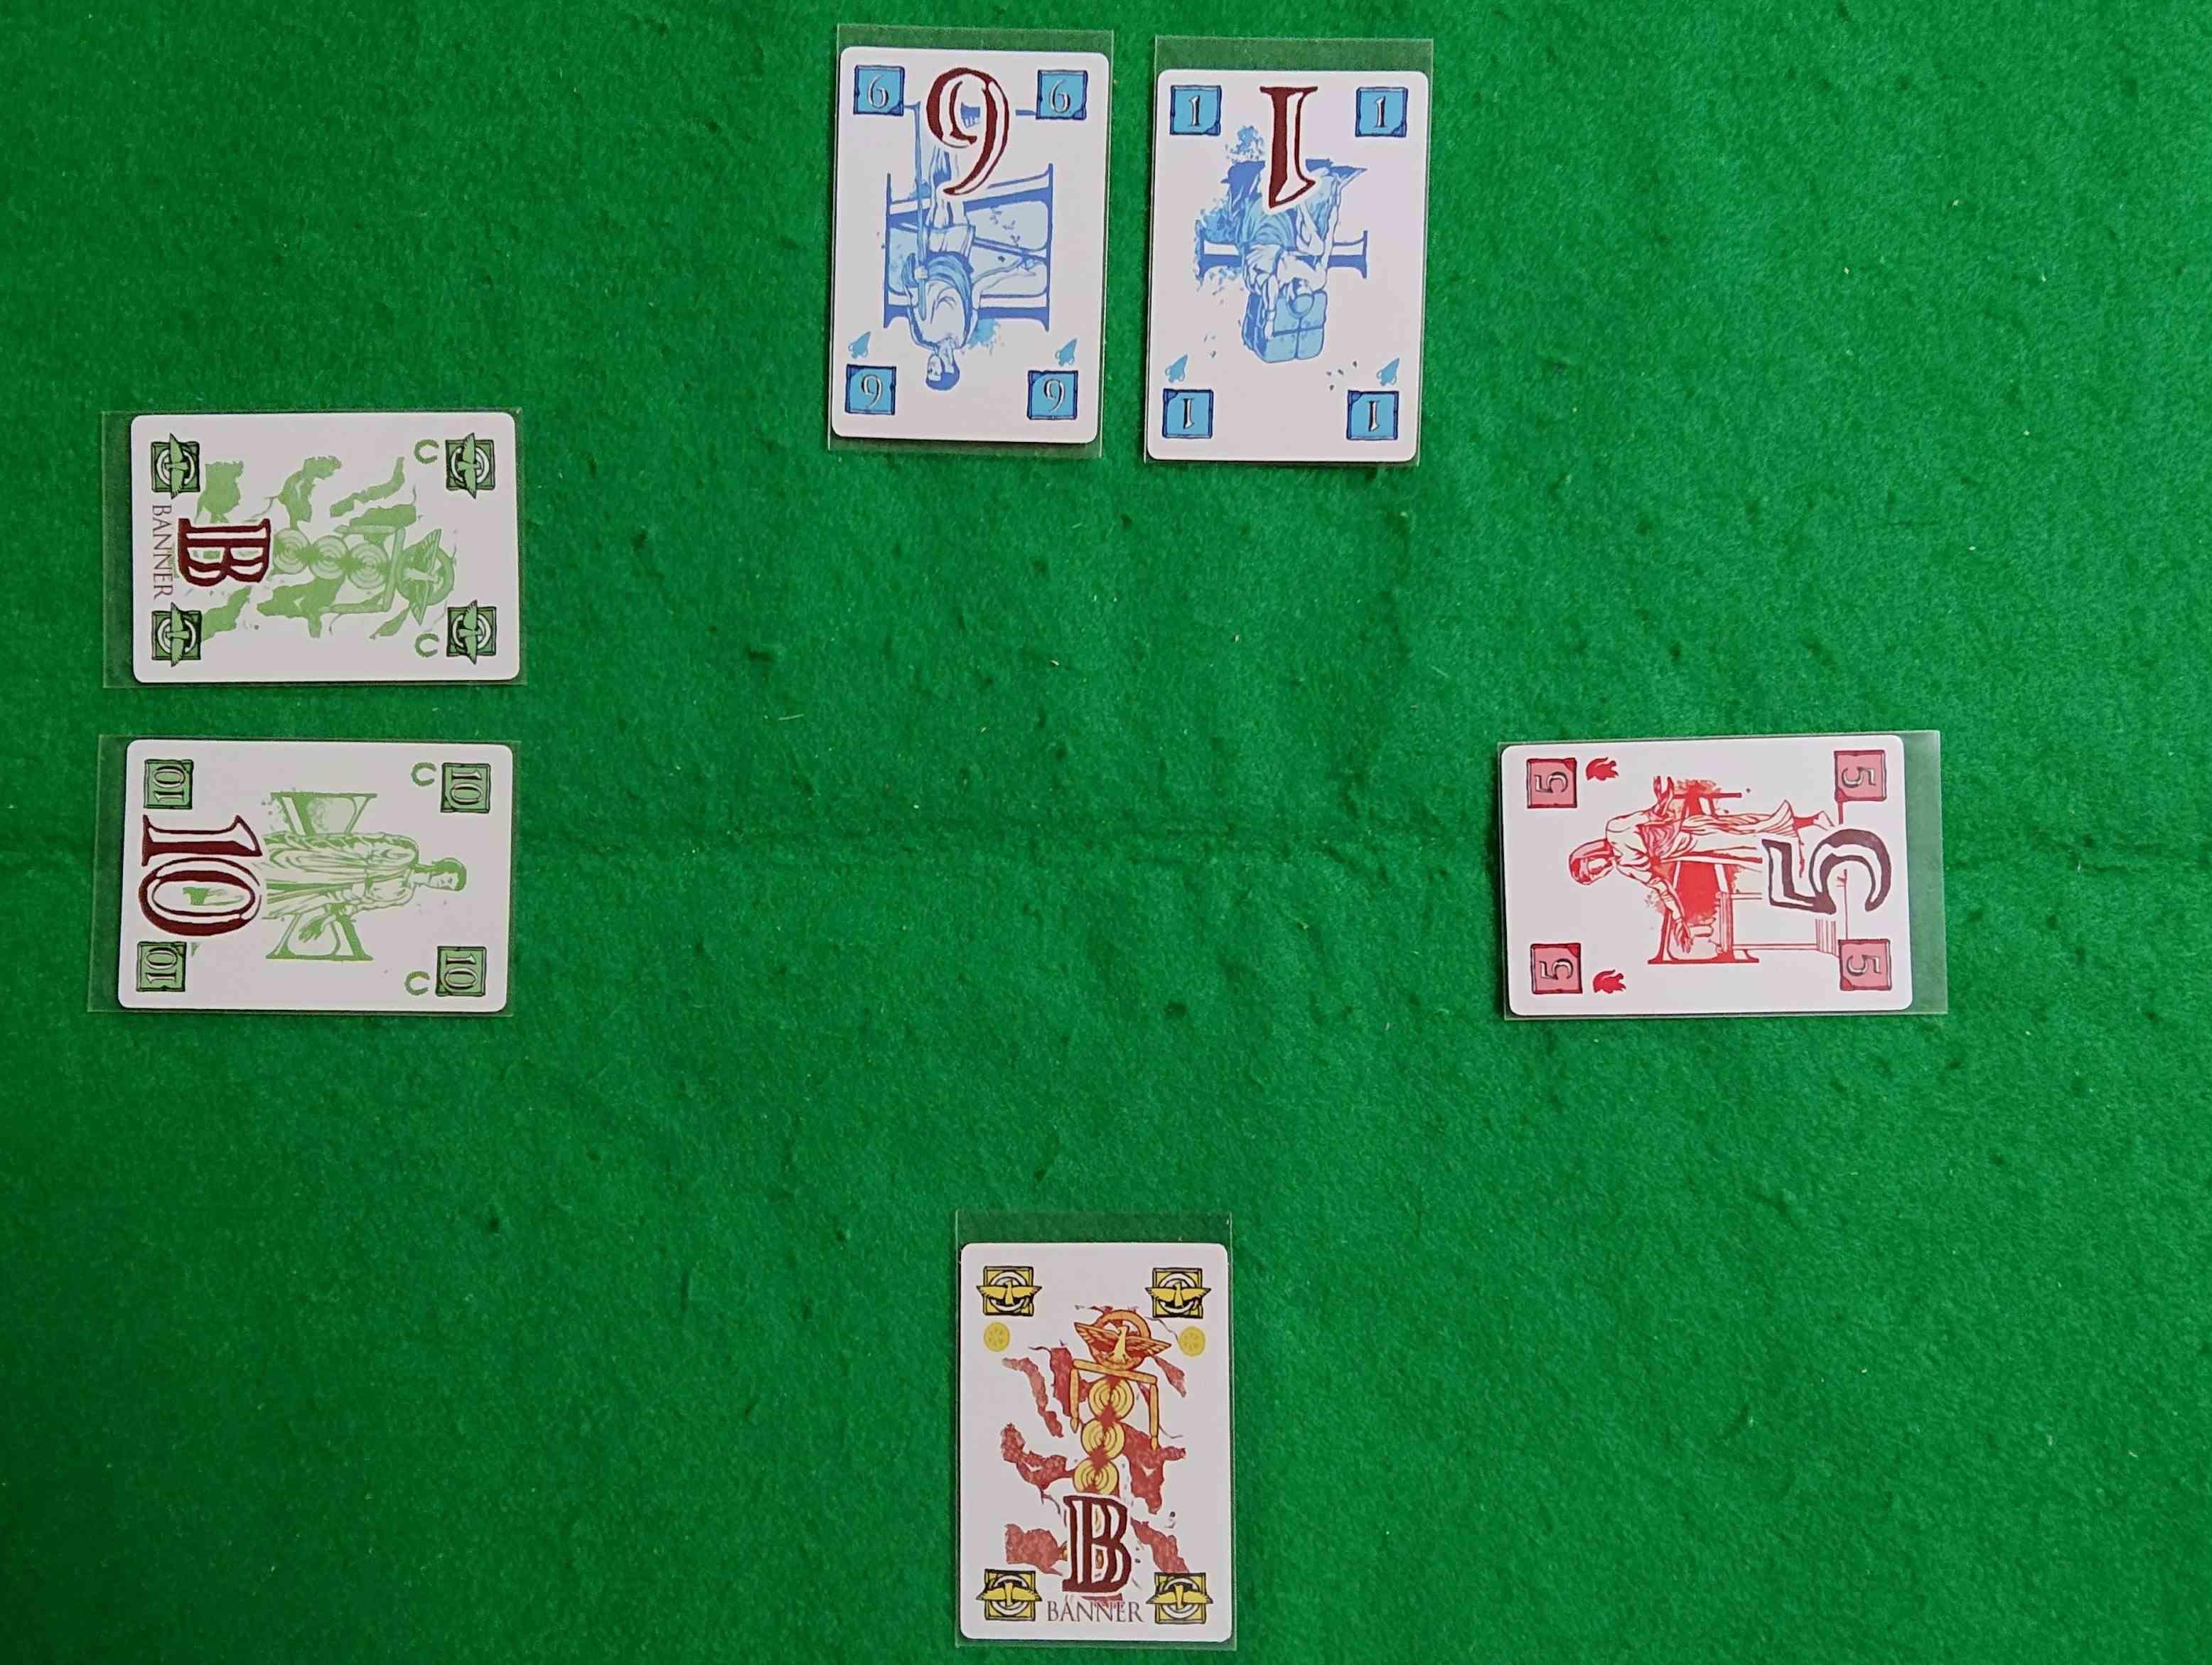 スパルタクス(古代ローマの新しいゲーム) シンプルなルールながら切れ味鋭いトリックテイク系カードゲーム ボードゲーム